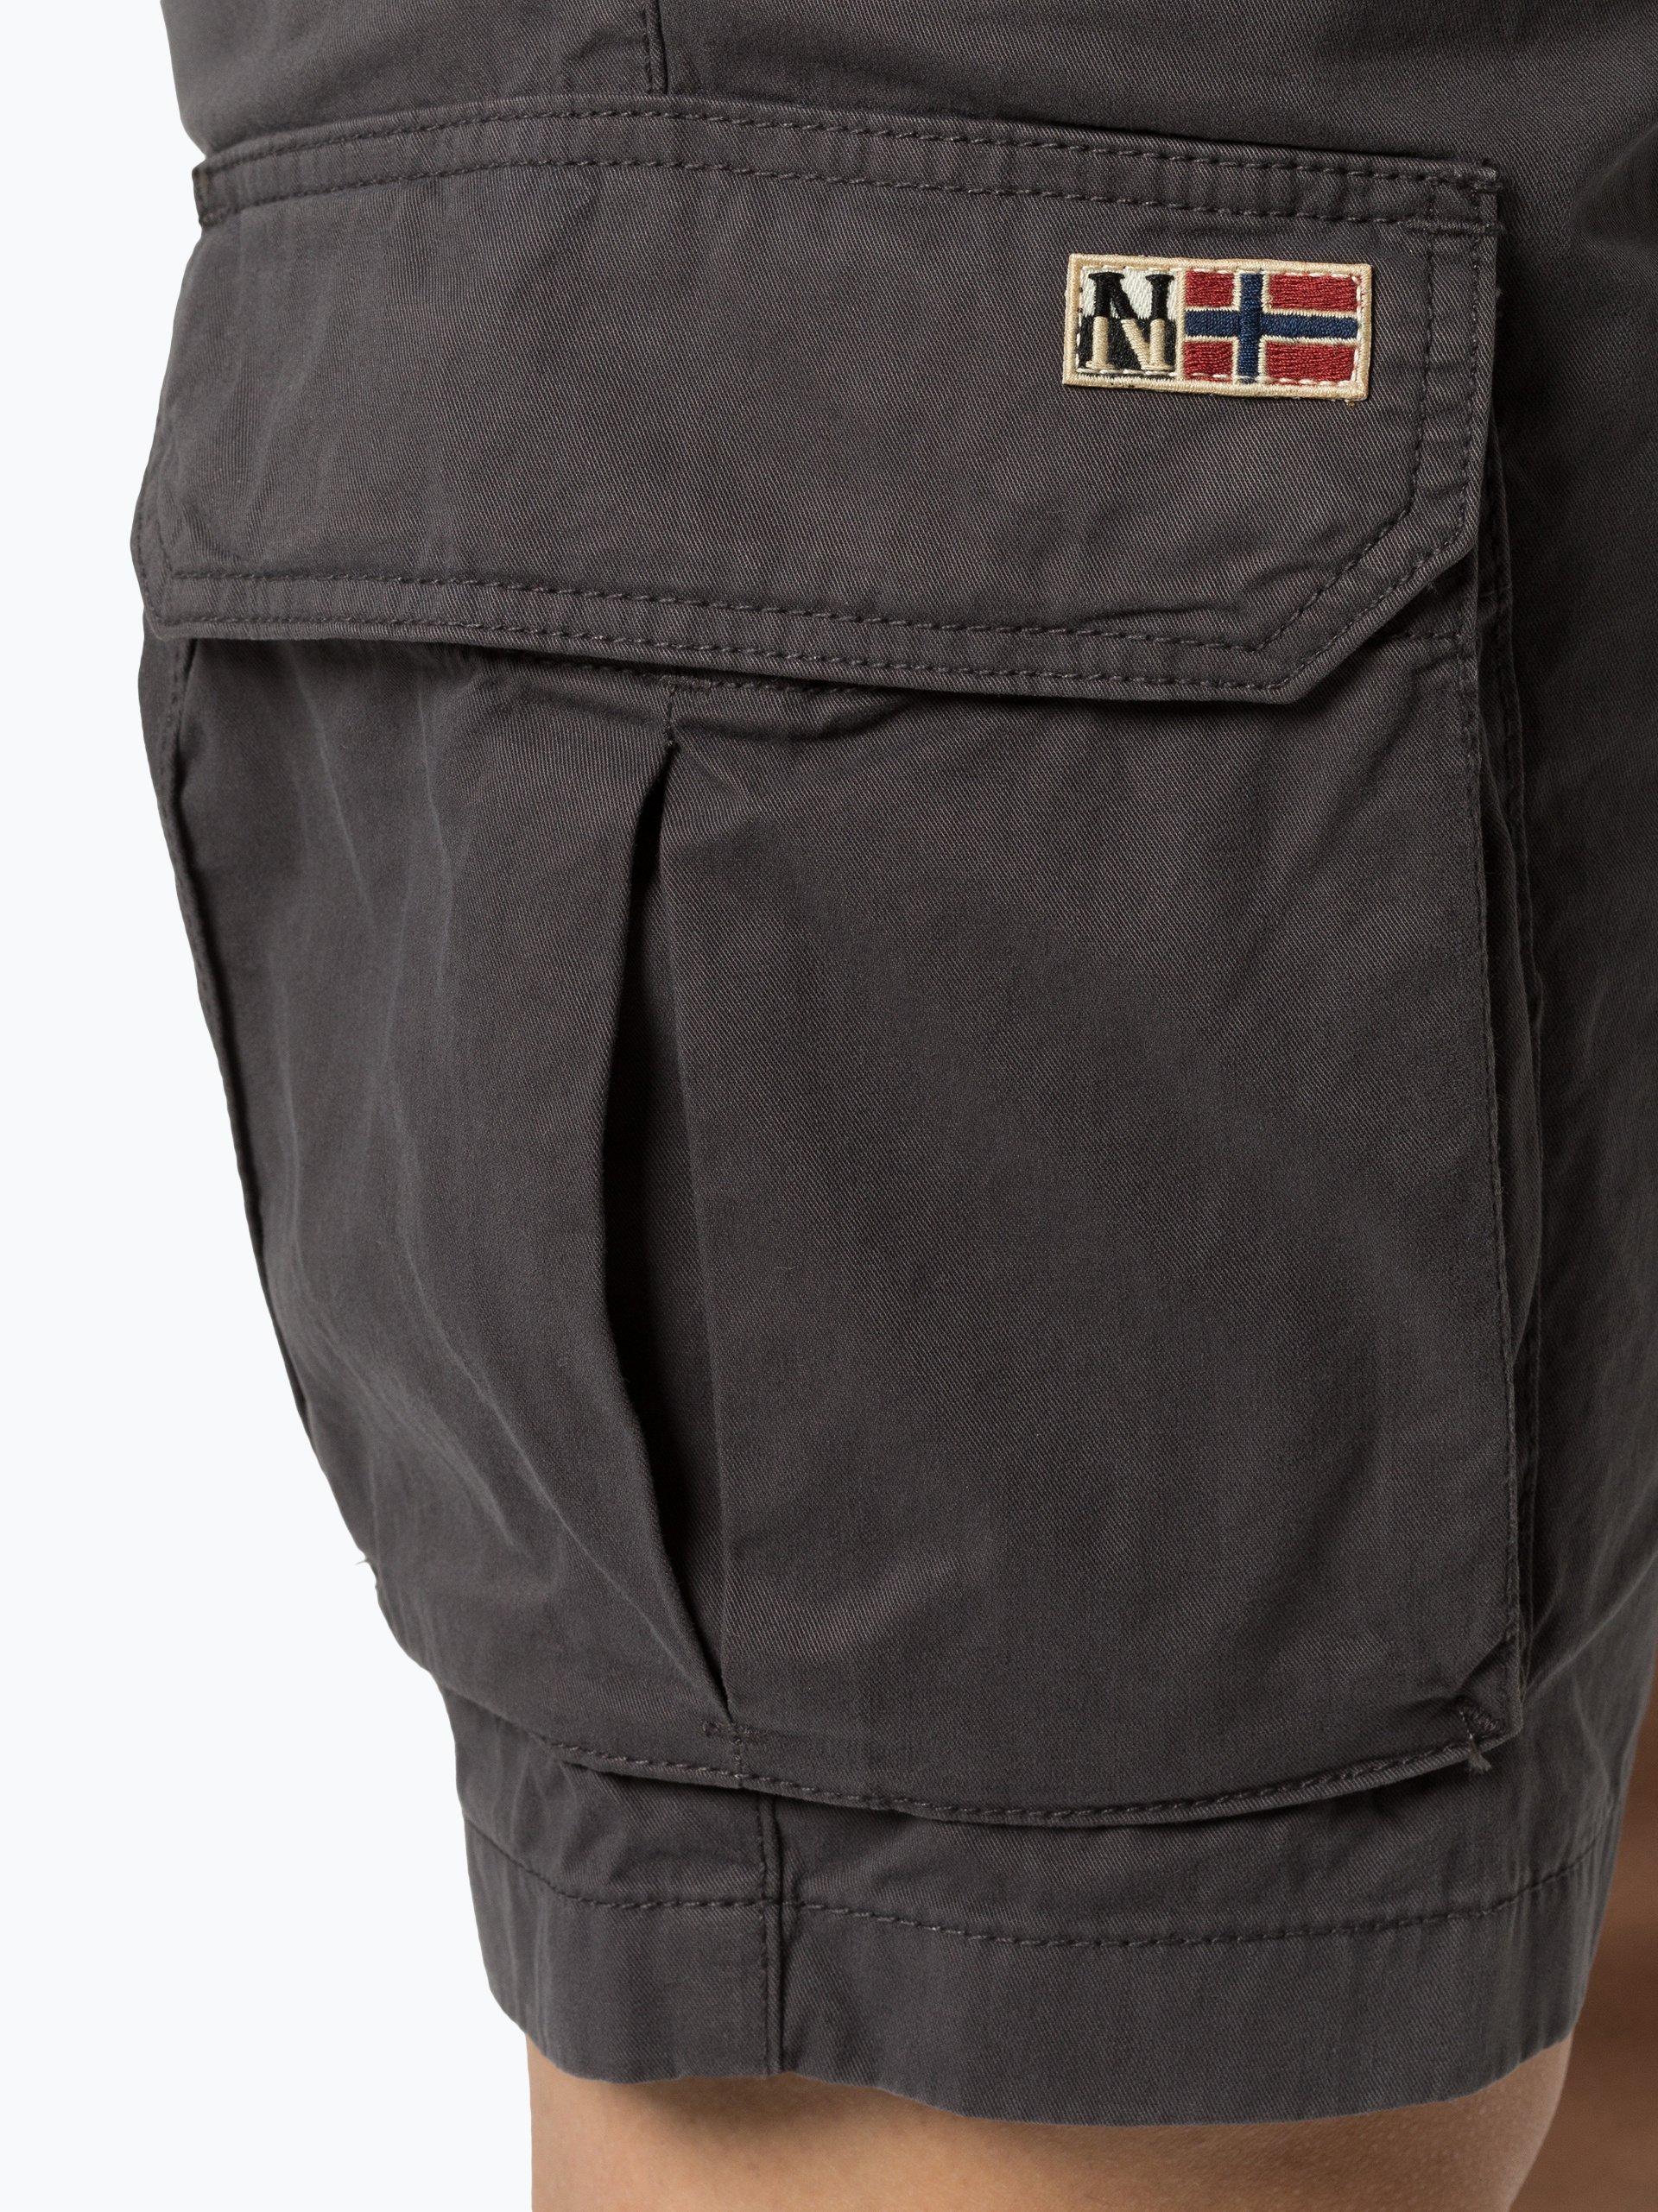 Napapijri Herren Shorts